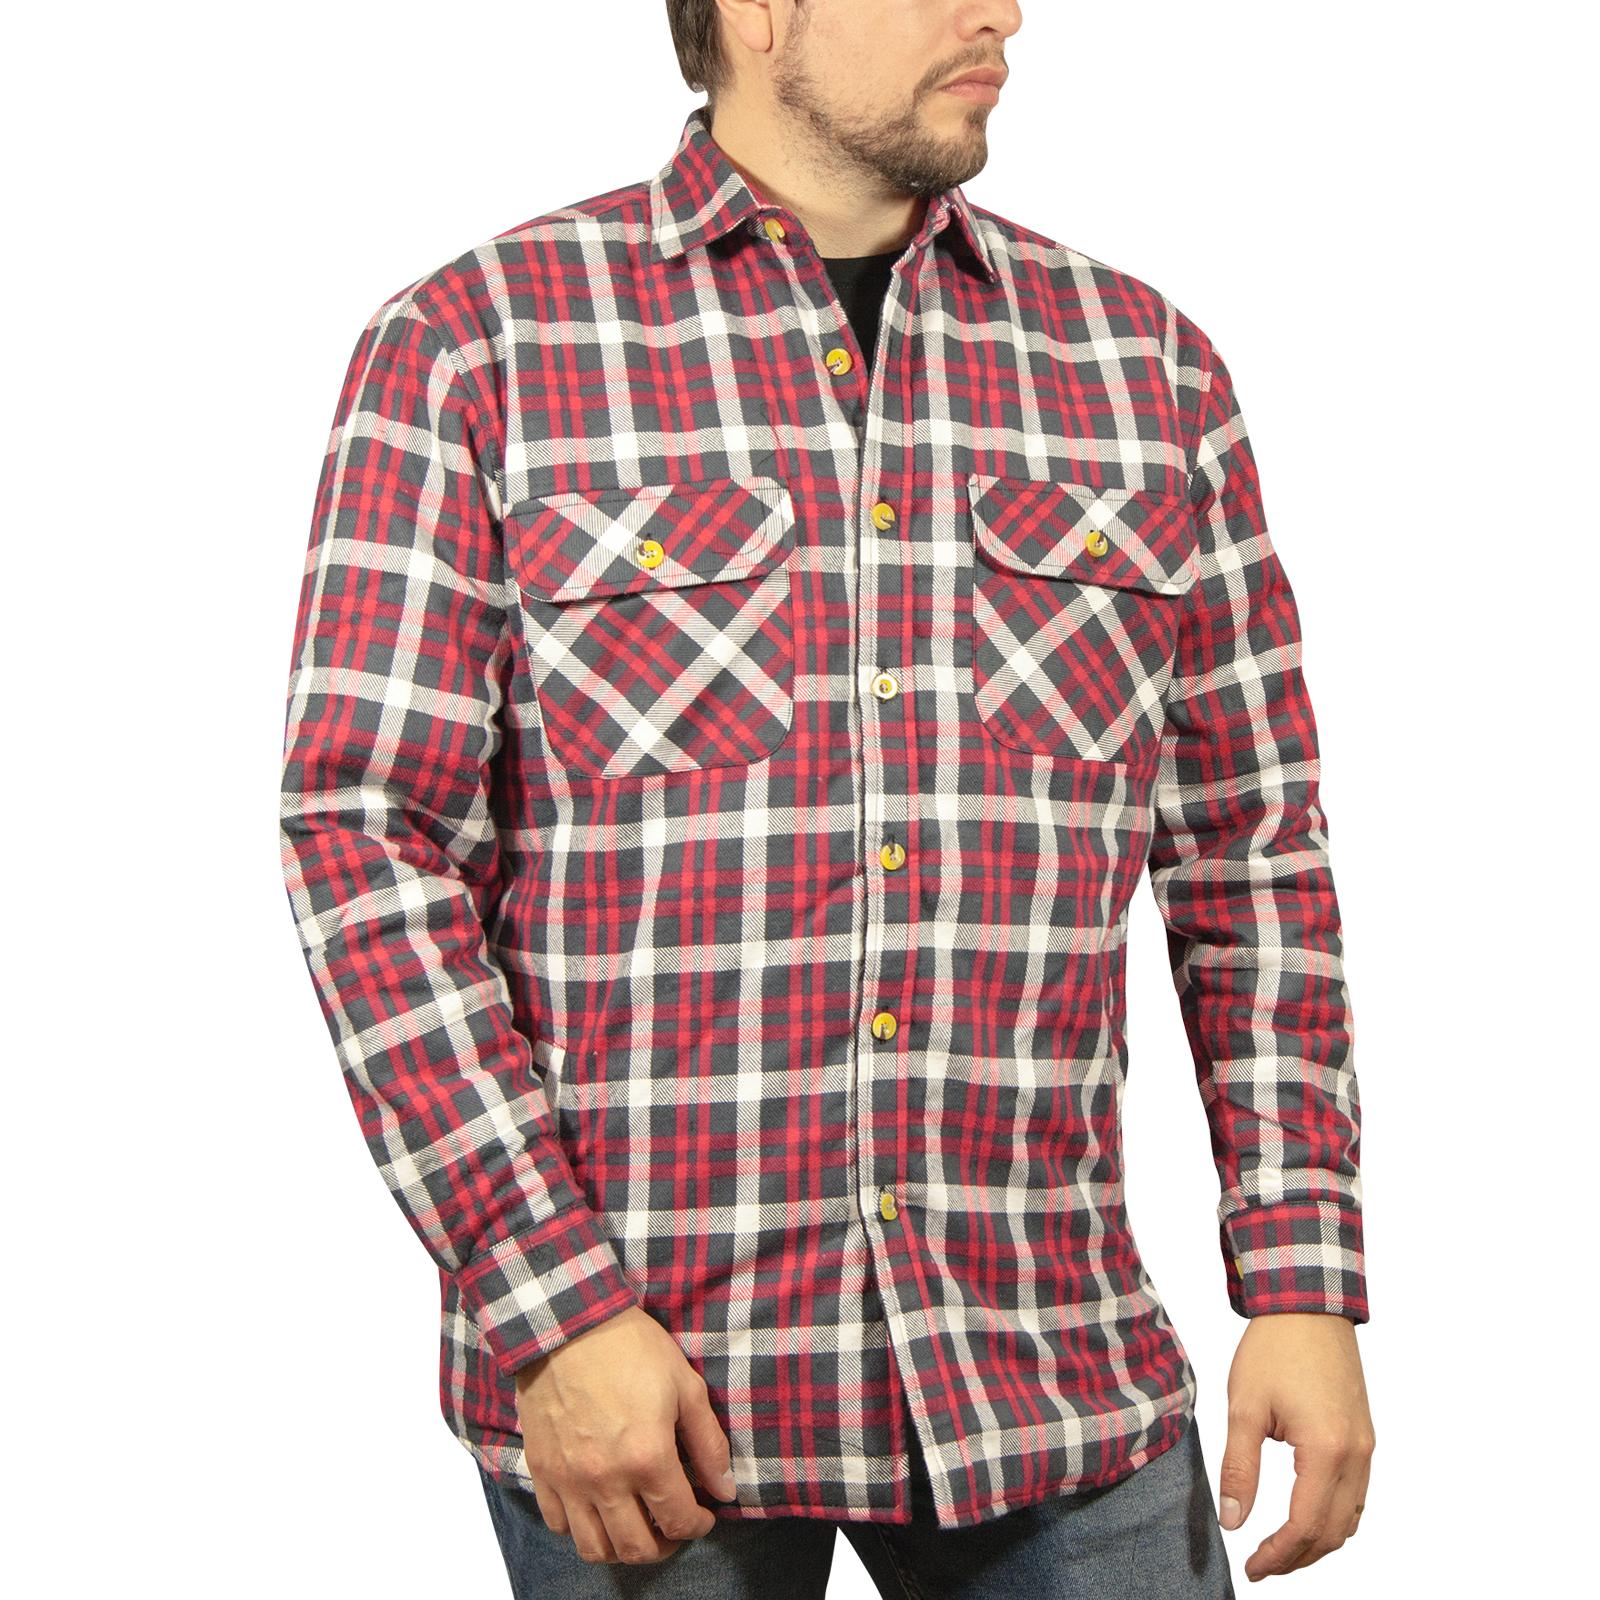 Chaqueta-Acolchada-flanelita-Camisa-Hombre-100-algodon-acolchado-caliente-de-invierno-franela miniatura 49